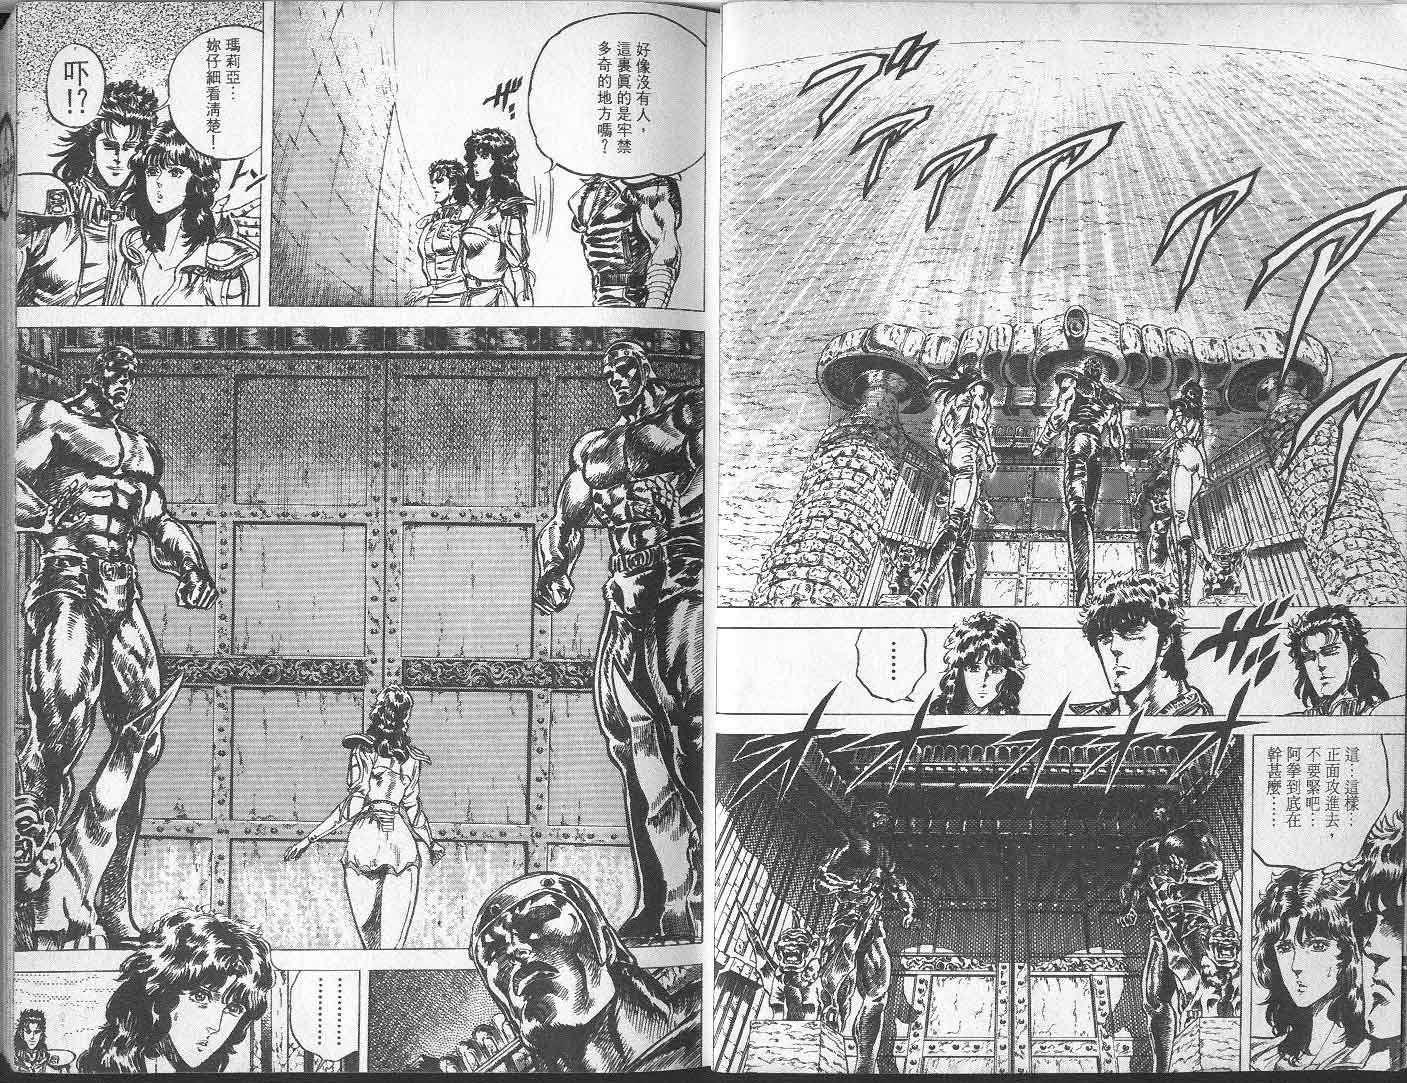 [原哲夫][北斗之拳][第01-27集(完)]